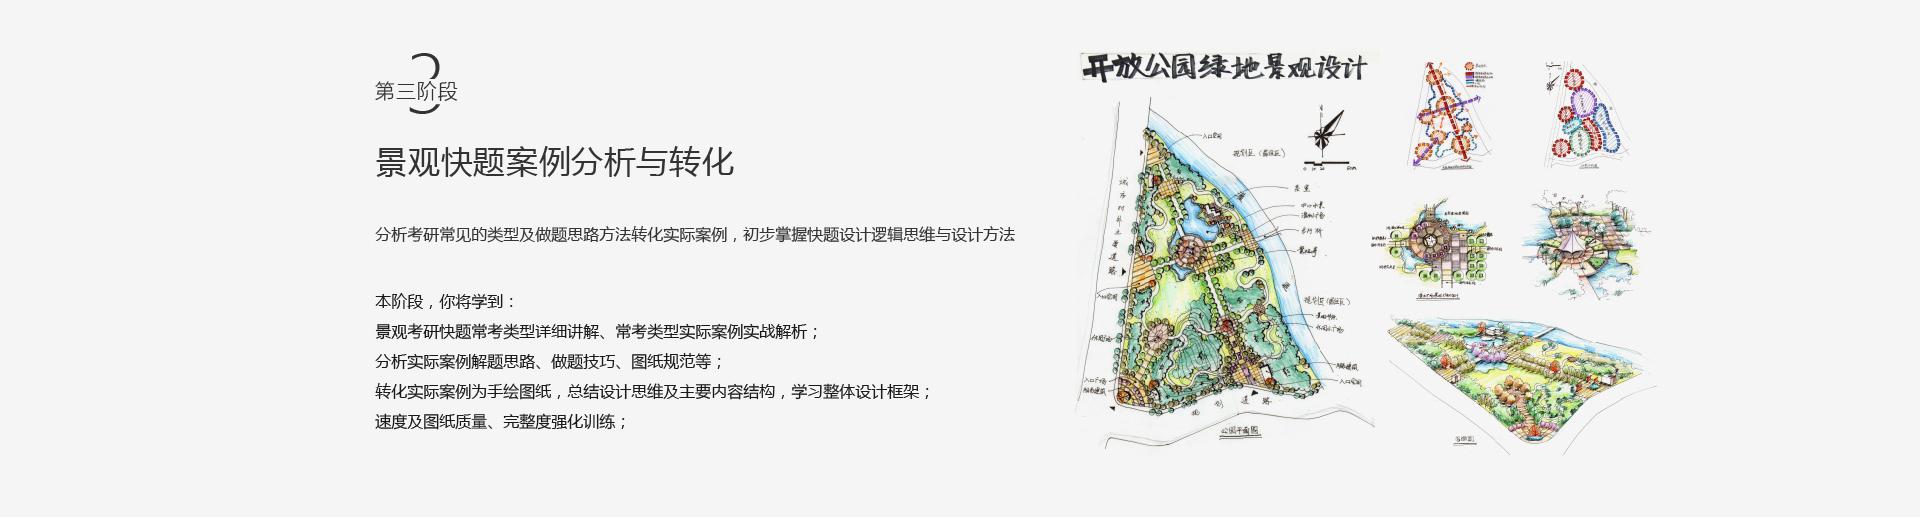 景观快题_07.jpg